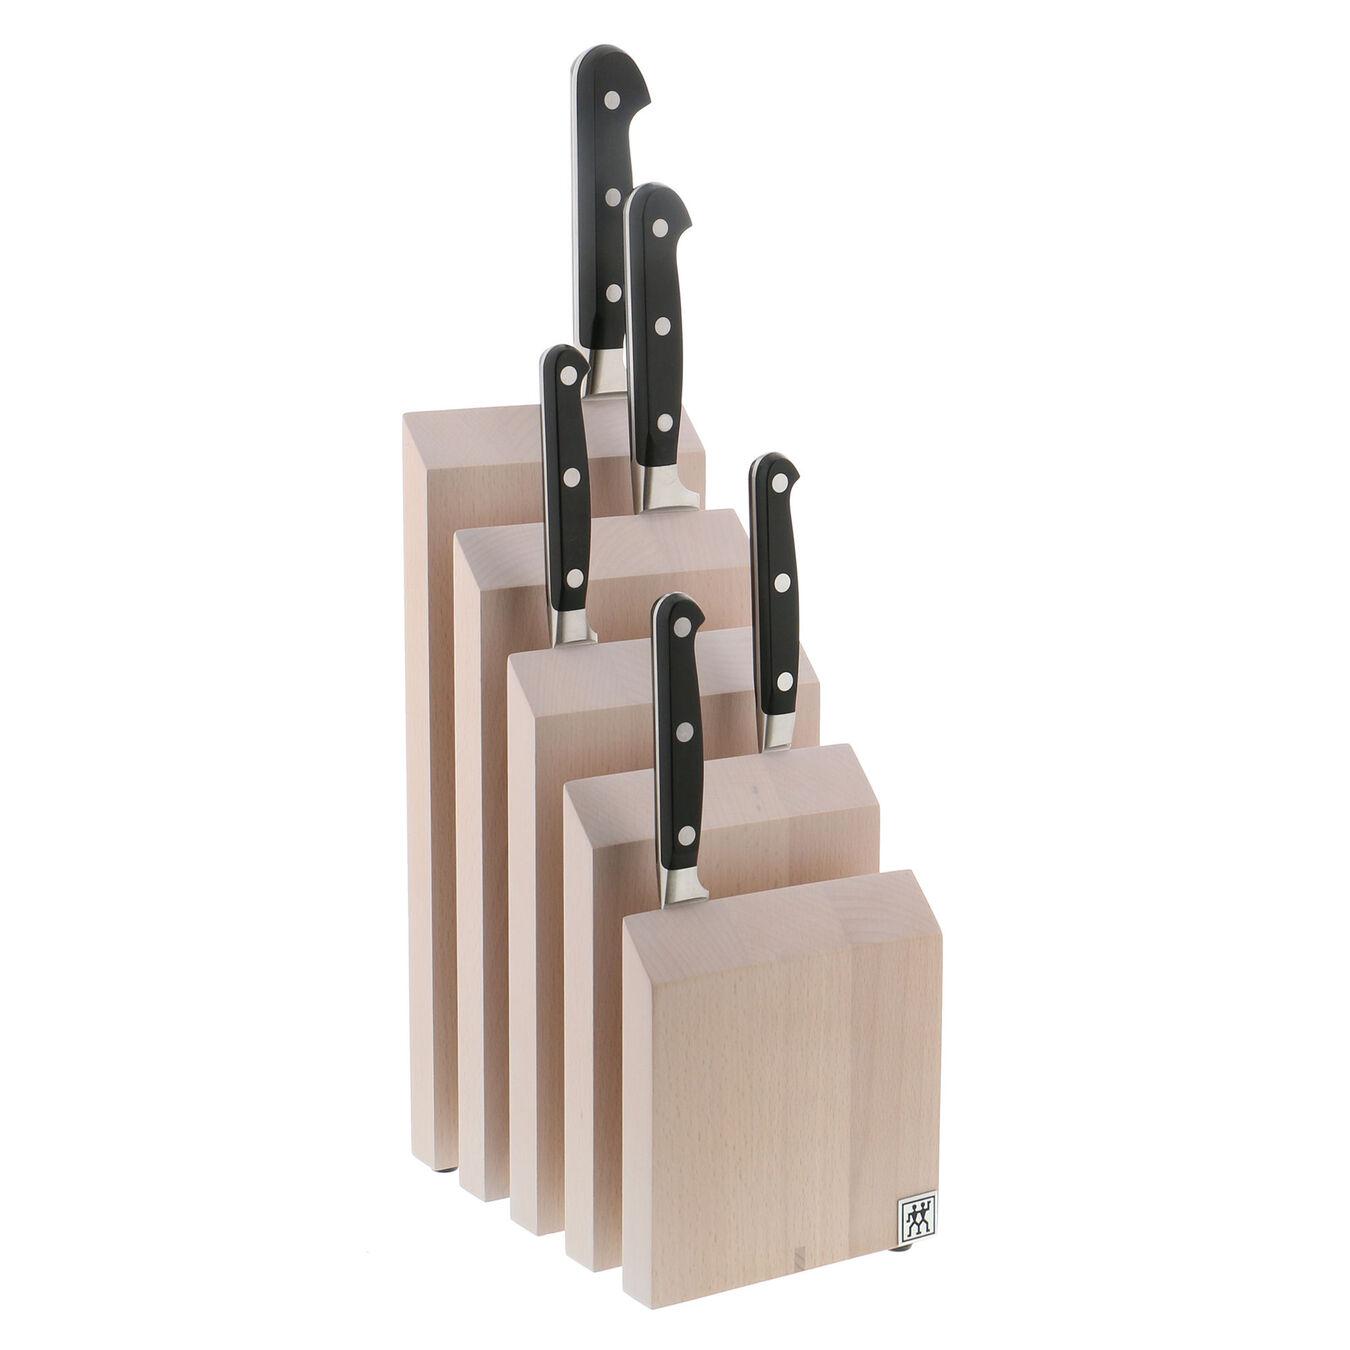 Beechwood, Upright Italian Magnetic Block - White,,large 2